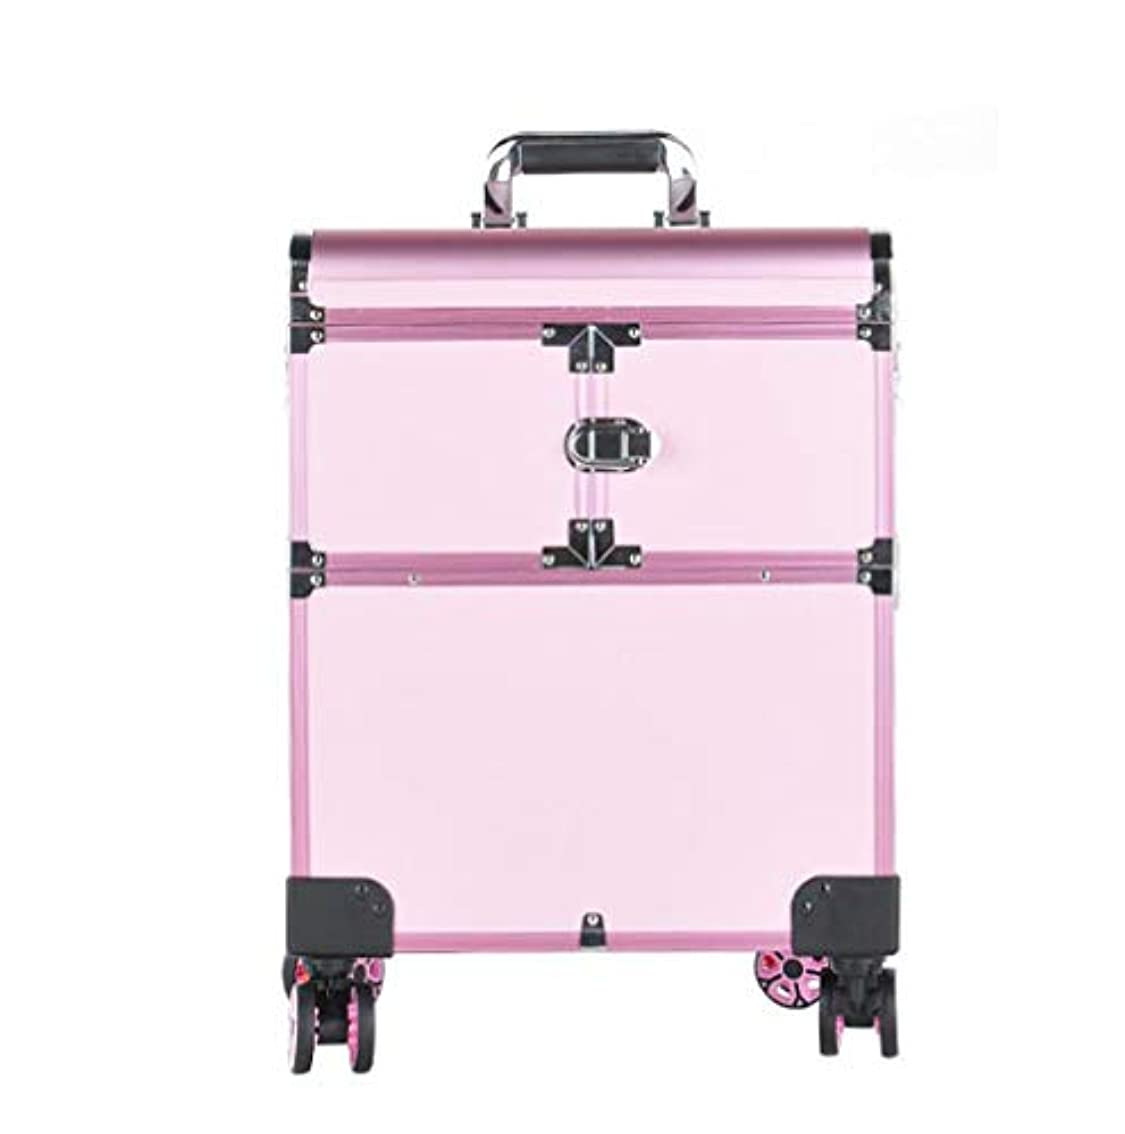 校長光のピアノを弾くBUMC 特大化粧列車化粧トロリーケース、多層大容量プロフェッショナル化粧品ポータブルレバーオーガナイザー収納ビューティーボックス,Pink